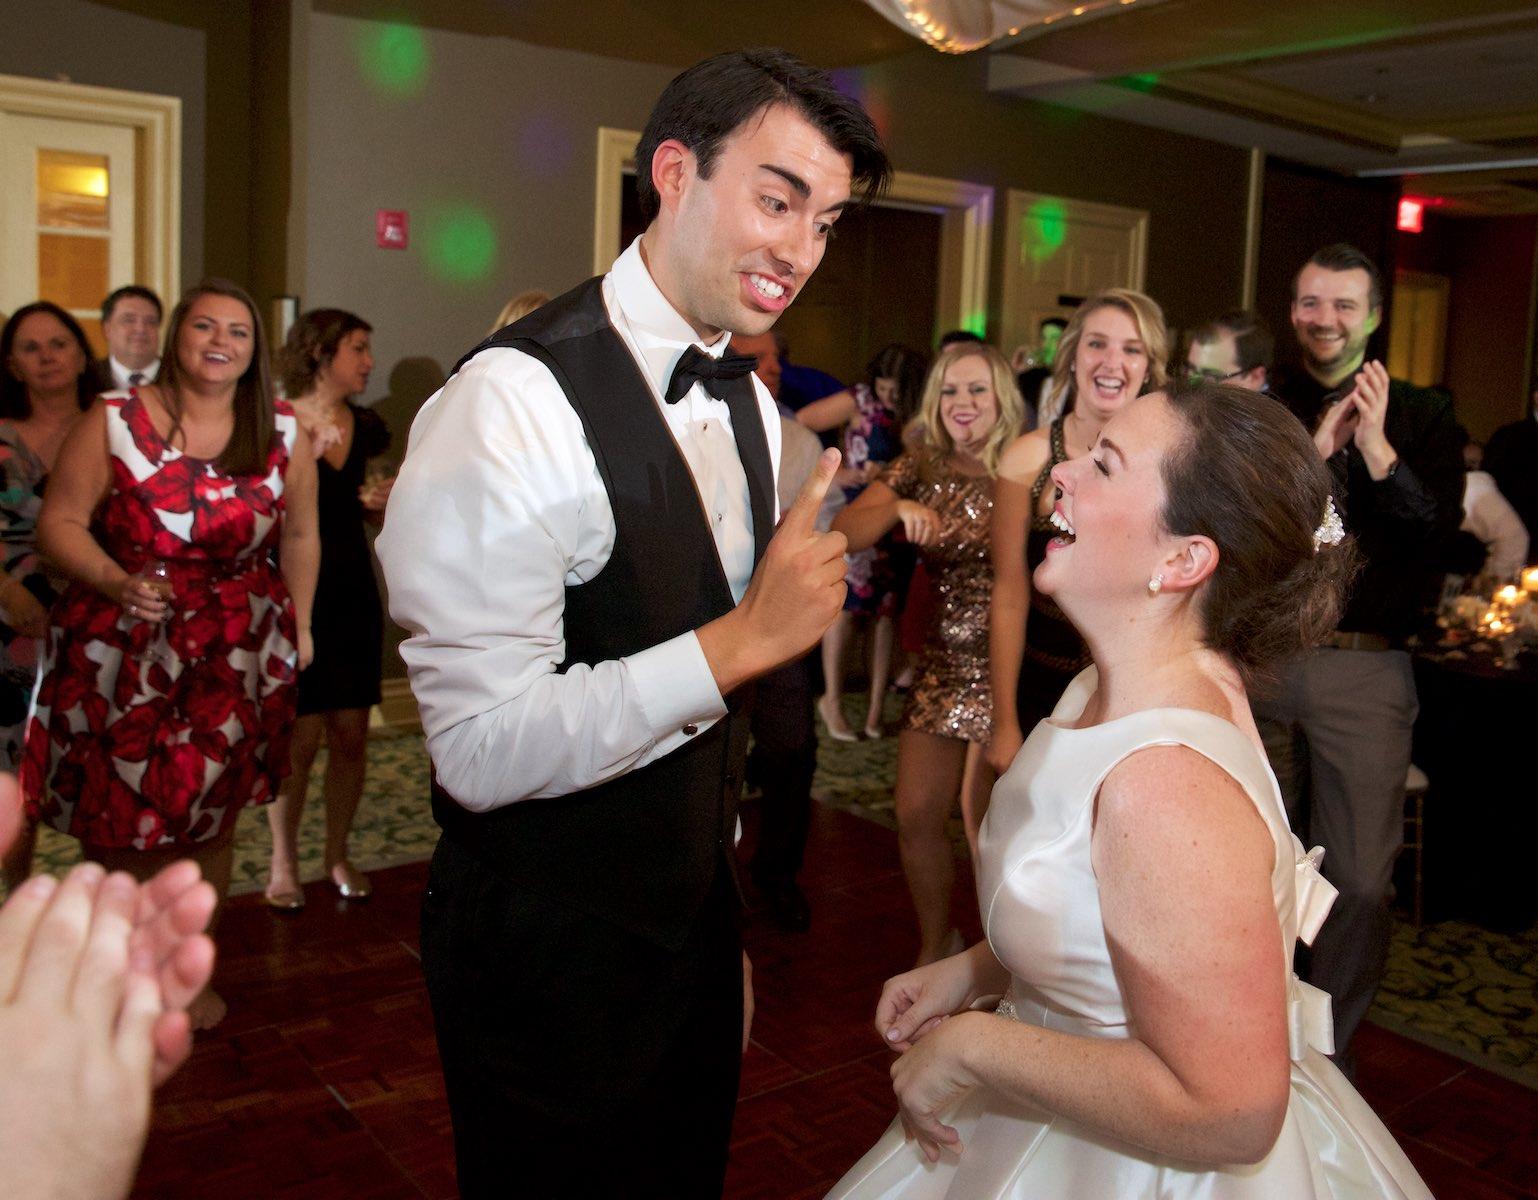 Elizabeth & Daniel dance into the night, wedding reception at Crystal Tree Country Club, Orland Park. Wedding photography by Steve & Tiffany Warmowski